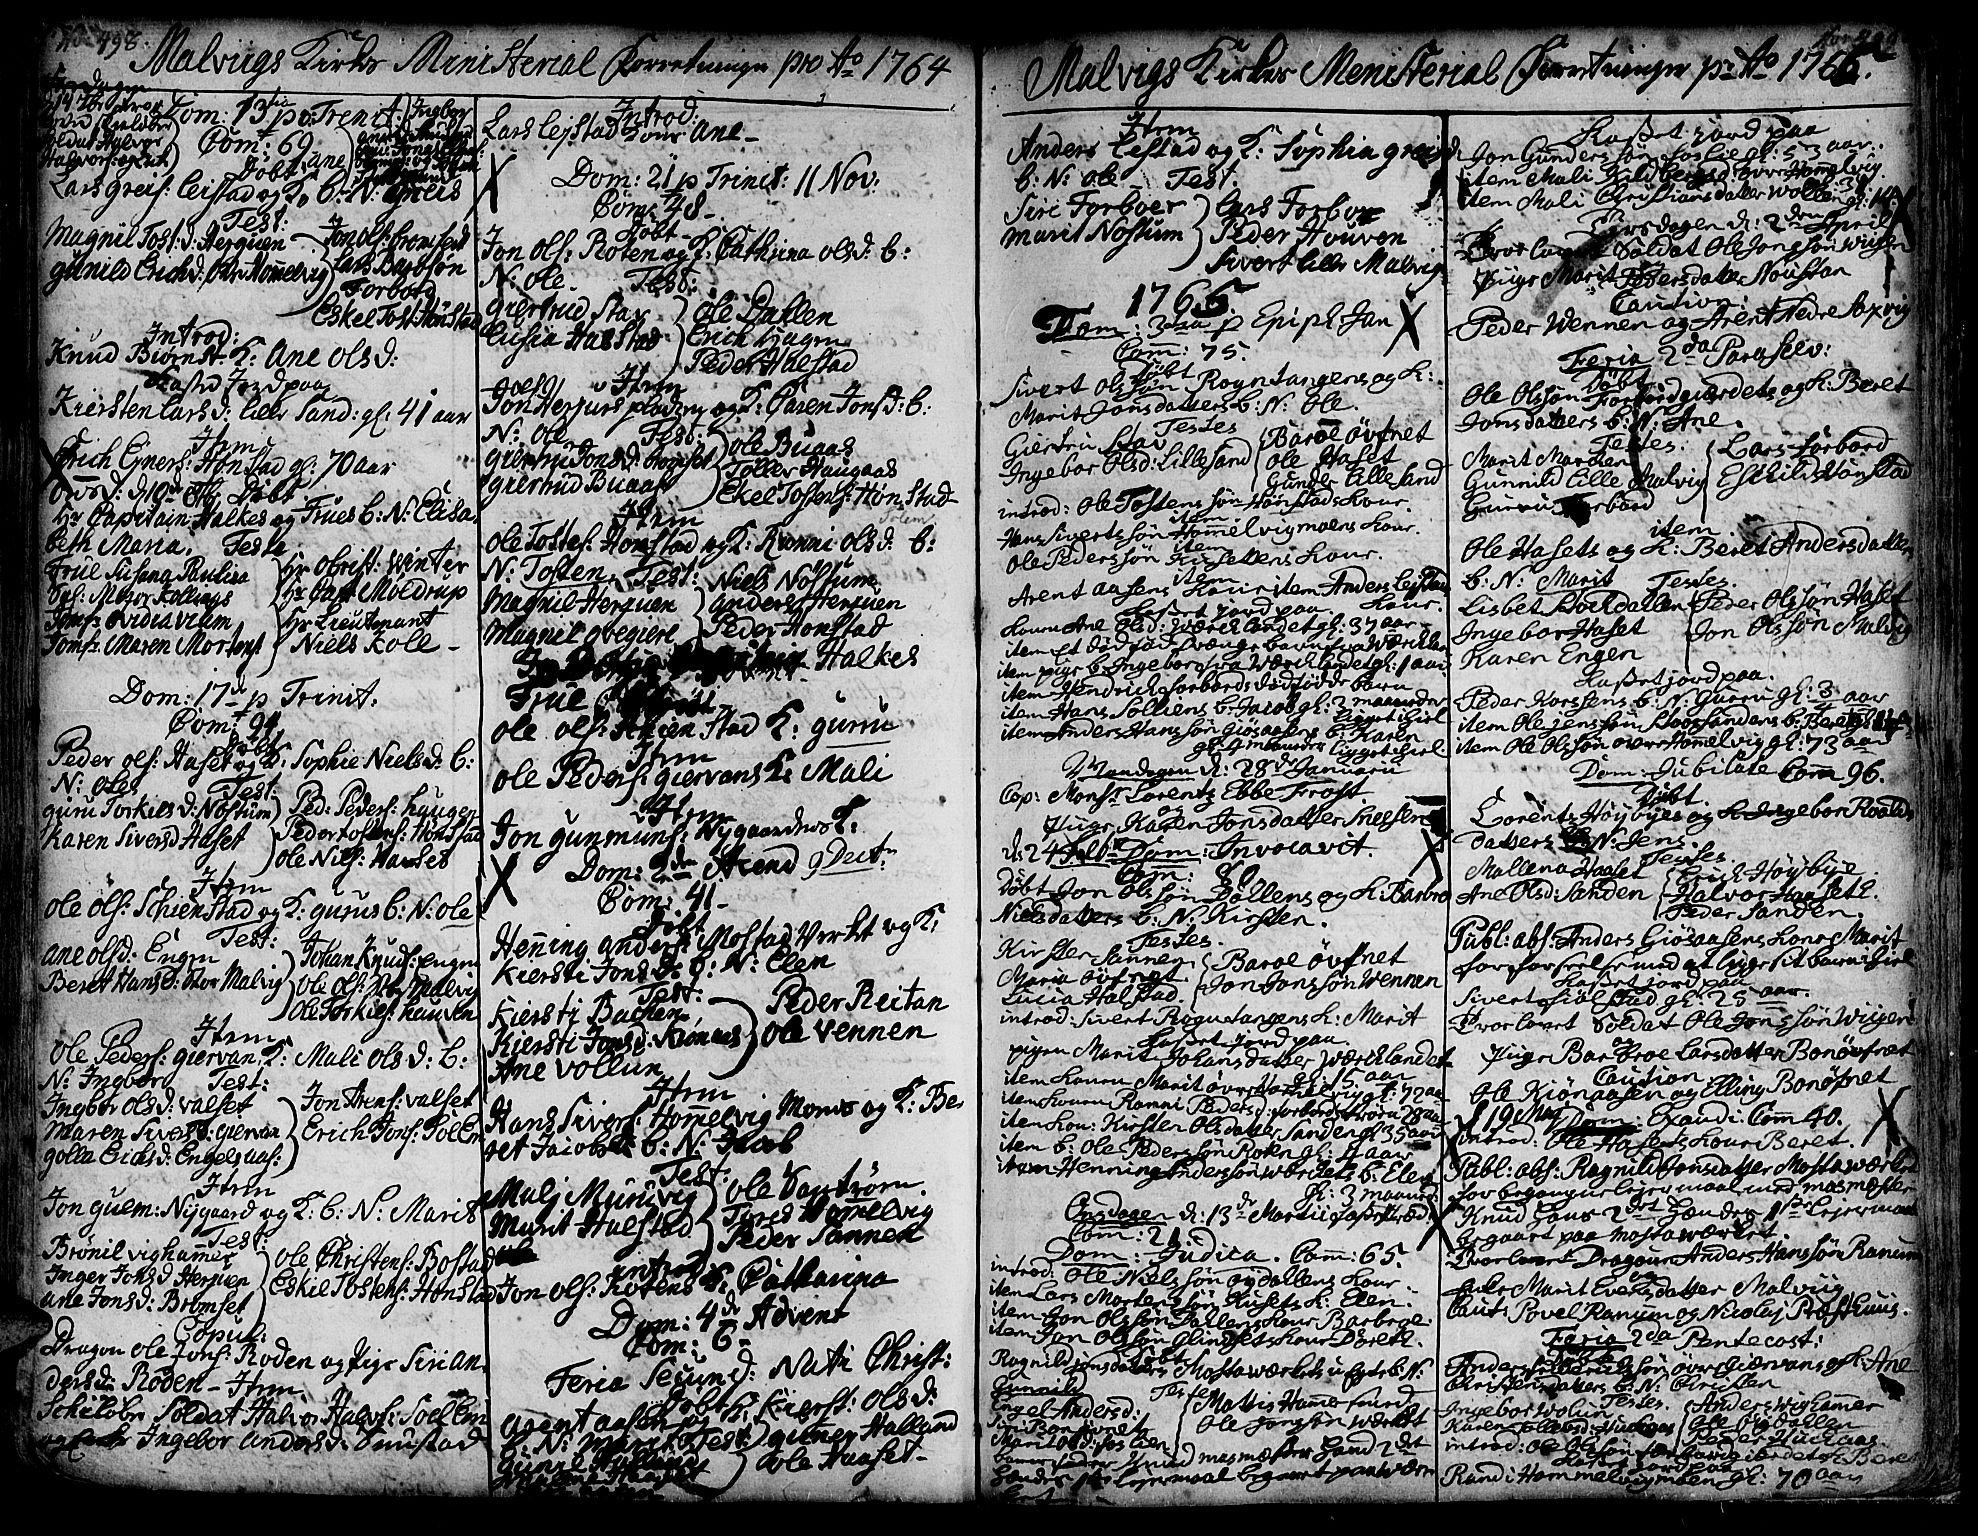 SAT, Ministerialprotokoller, klokkerbøker og fødselsregistre - Sør-Trøndelag, 606/L0277: Ministerialbok nr. 606A01 /3, 1727-1780, s. 498-499